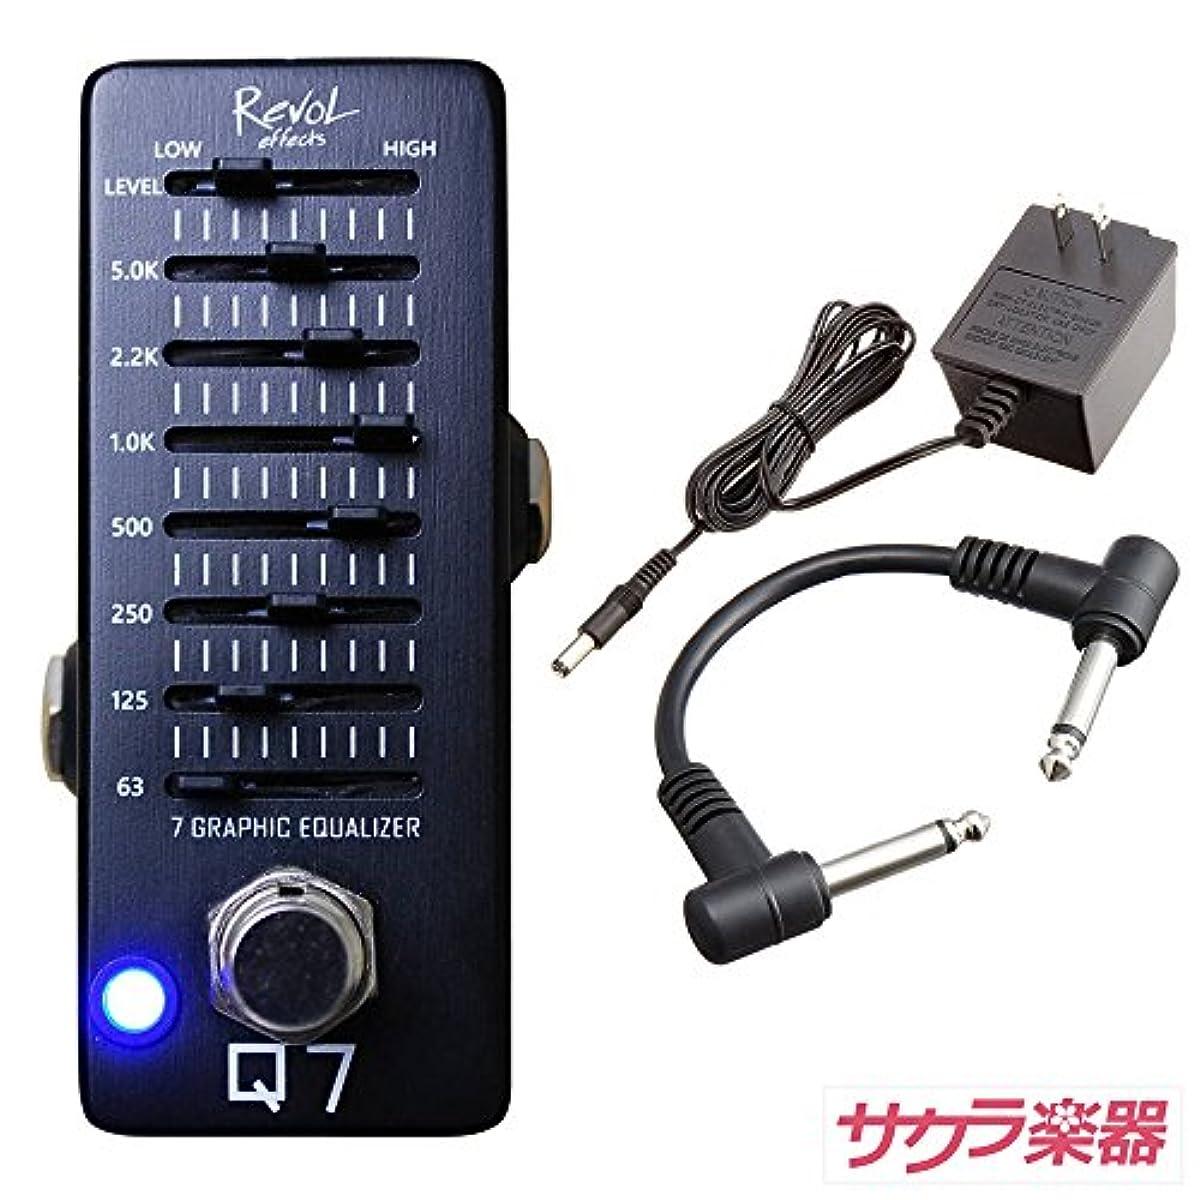 [해외] REVOL EFFECTS 레볼에프엑스 이펙터 7밴드 그래픽 이퀄라이저 Q7 / EEQ-01 사쿠라 악기 오리지널 패치 케이블 세트